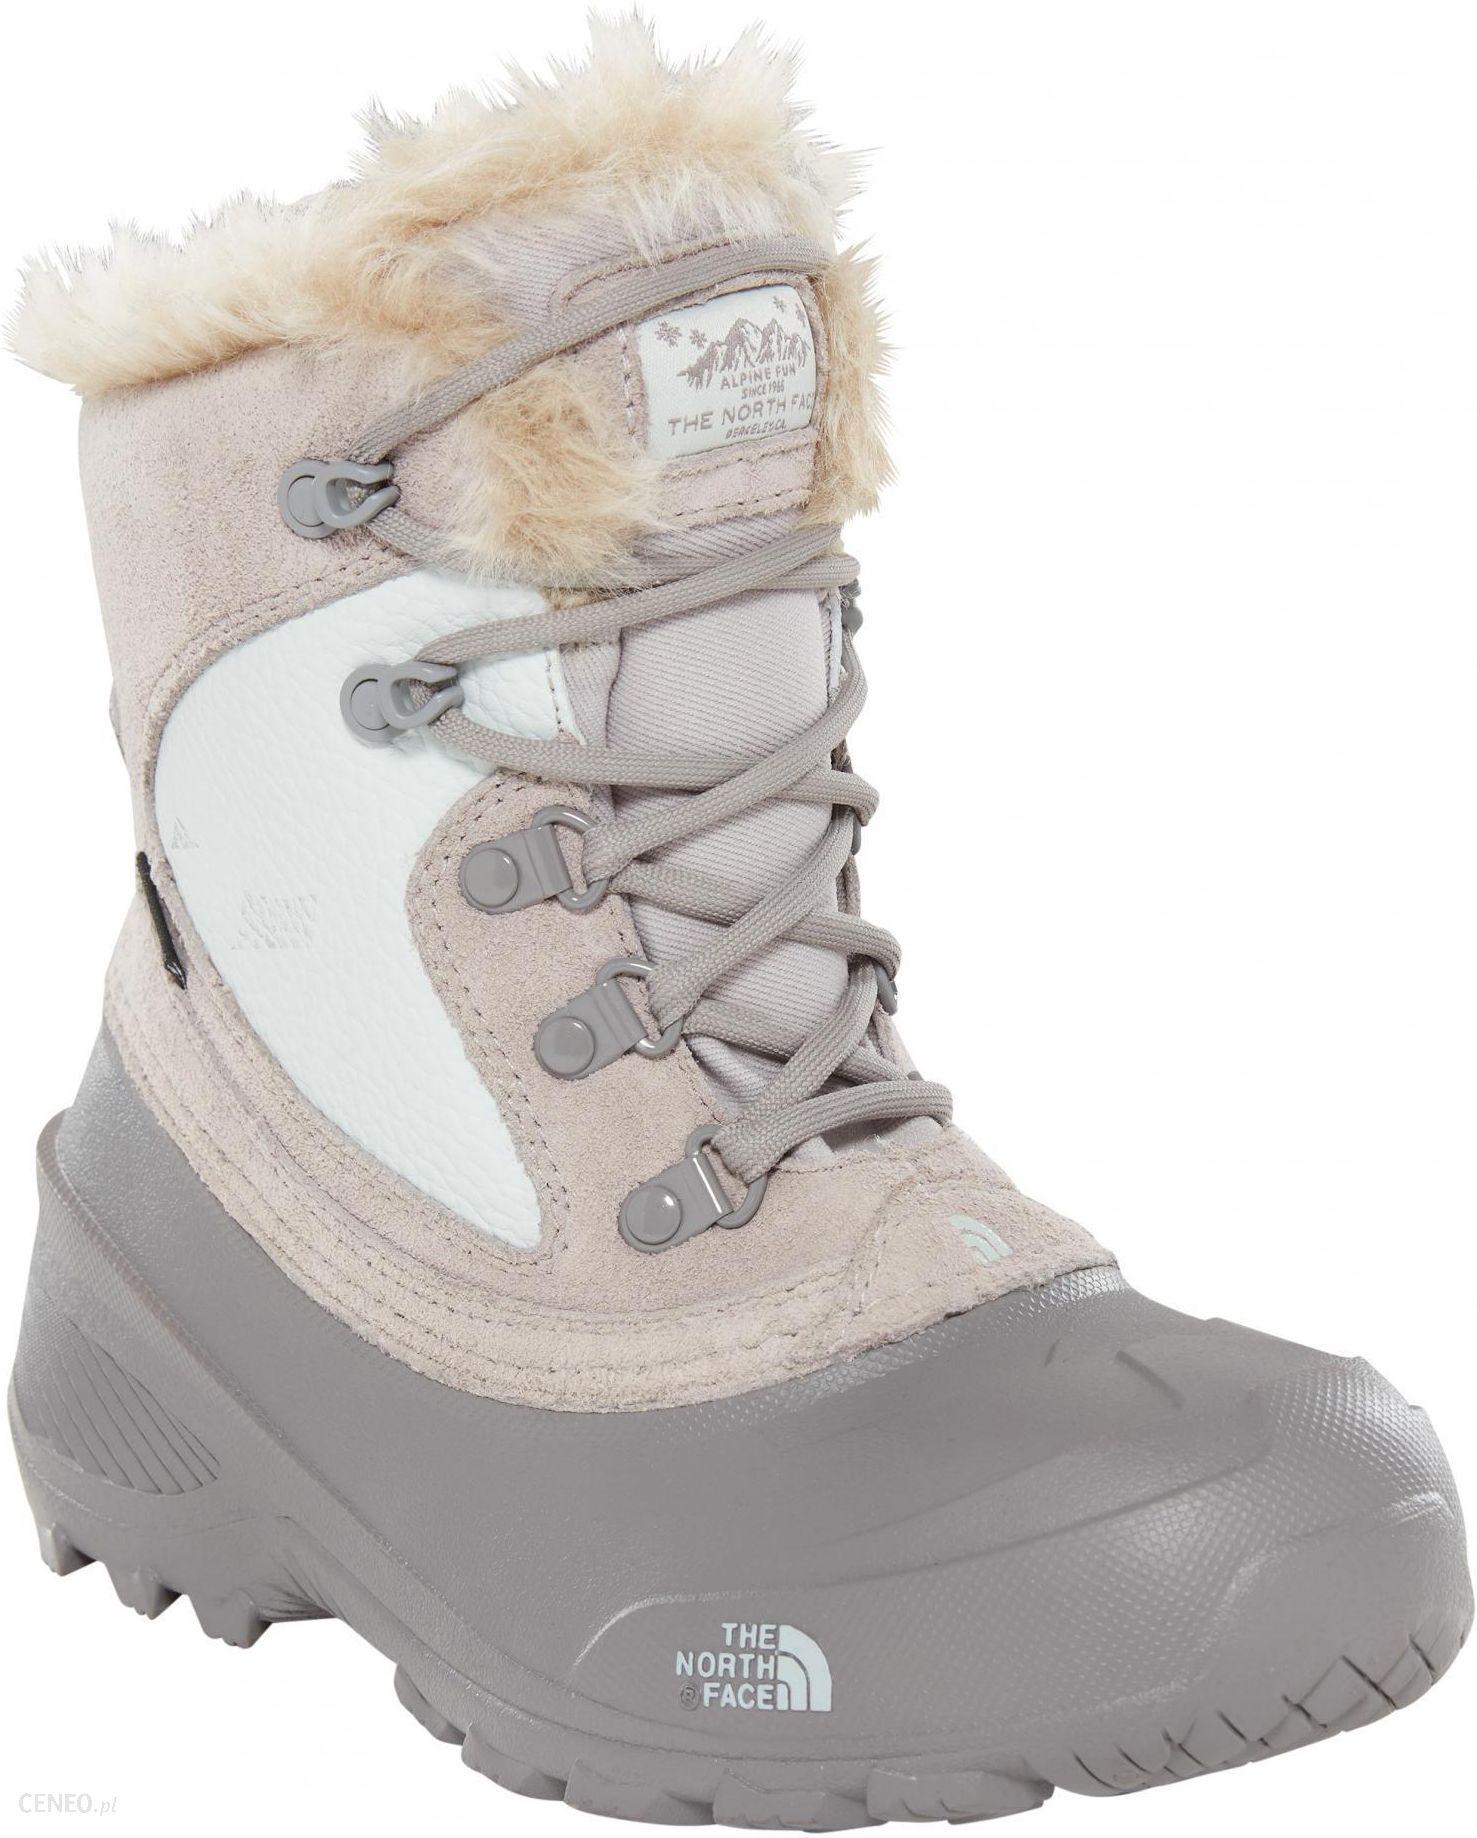 The North Face buty zimowe Y Shellista Extreme szaryniebieski 37 Ceny i opinie Ceneo.pl